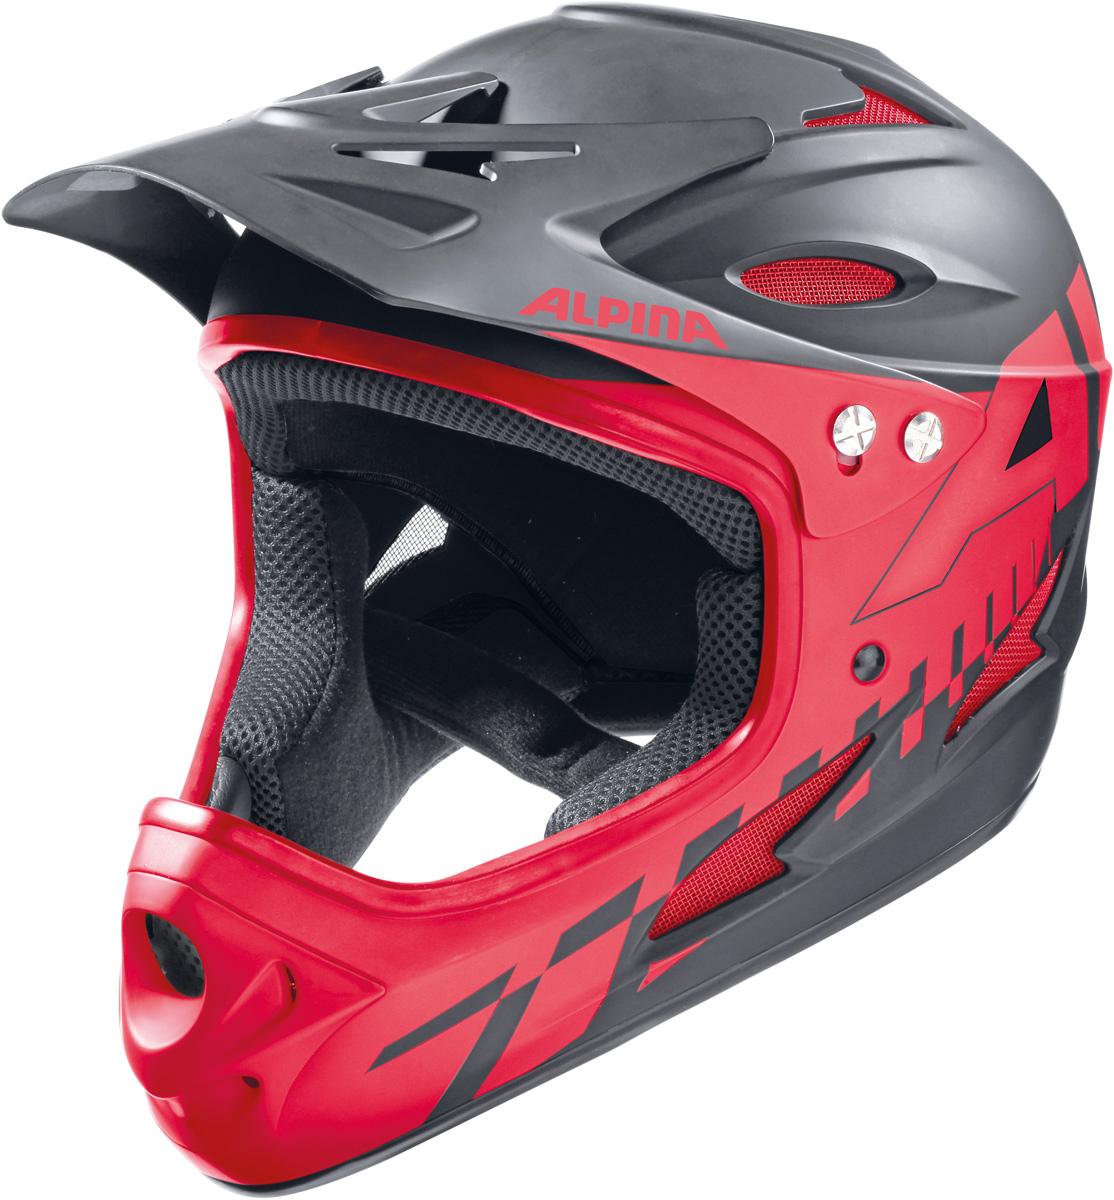 """Шлем горнолыжный Alpina """"Fullface"""", цвет: черный, красный. A9689_32. Размер 59-60"""